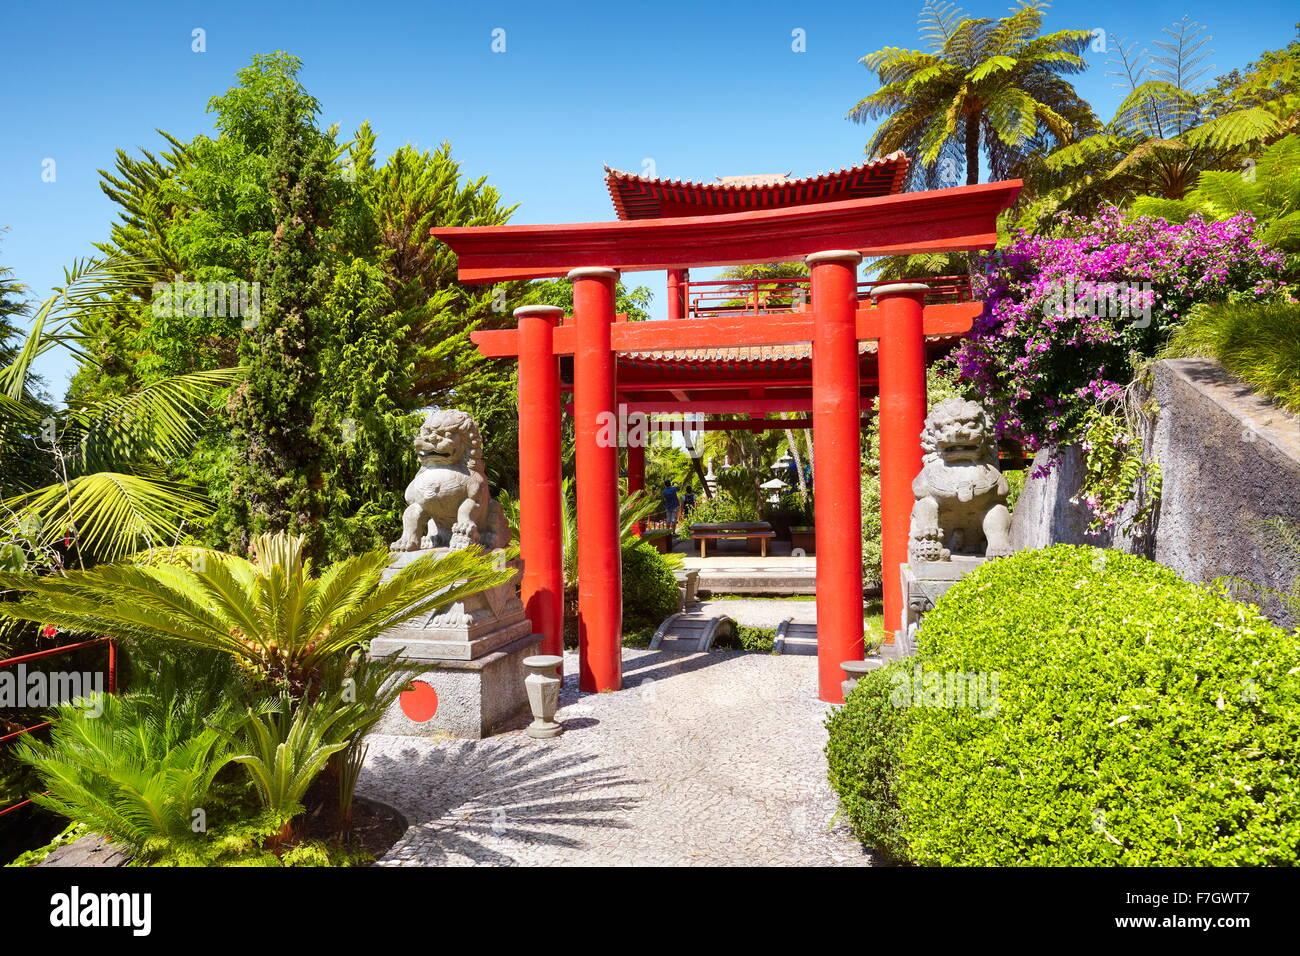 Monte Palace Tropical Garden (jardin japonais) - monte, l'île de Madère, Portugal Photo Stock